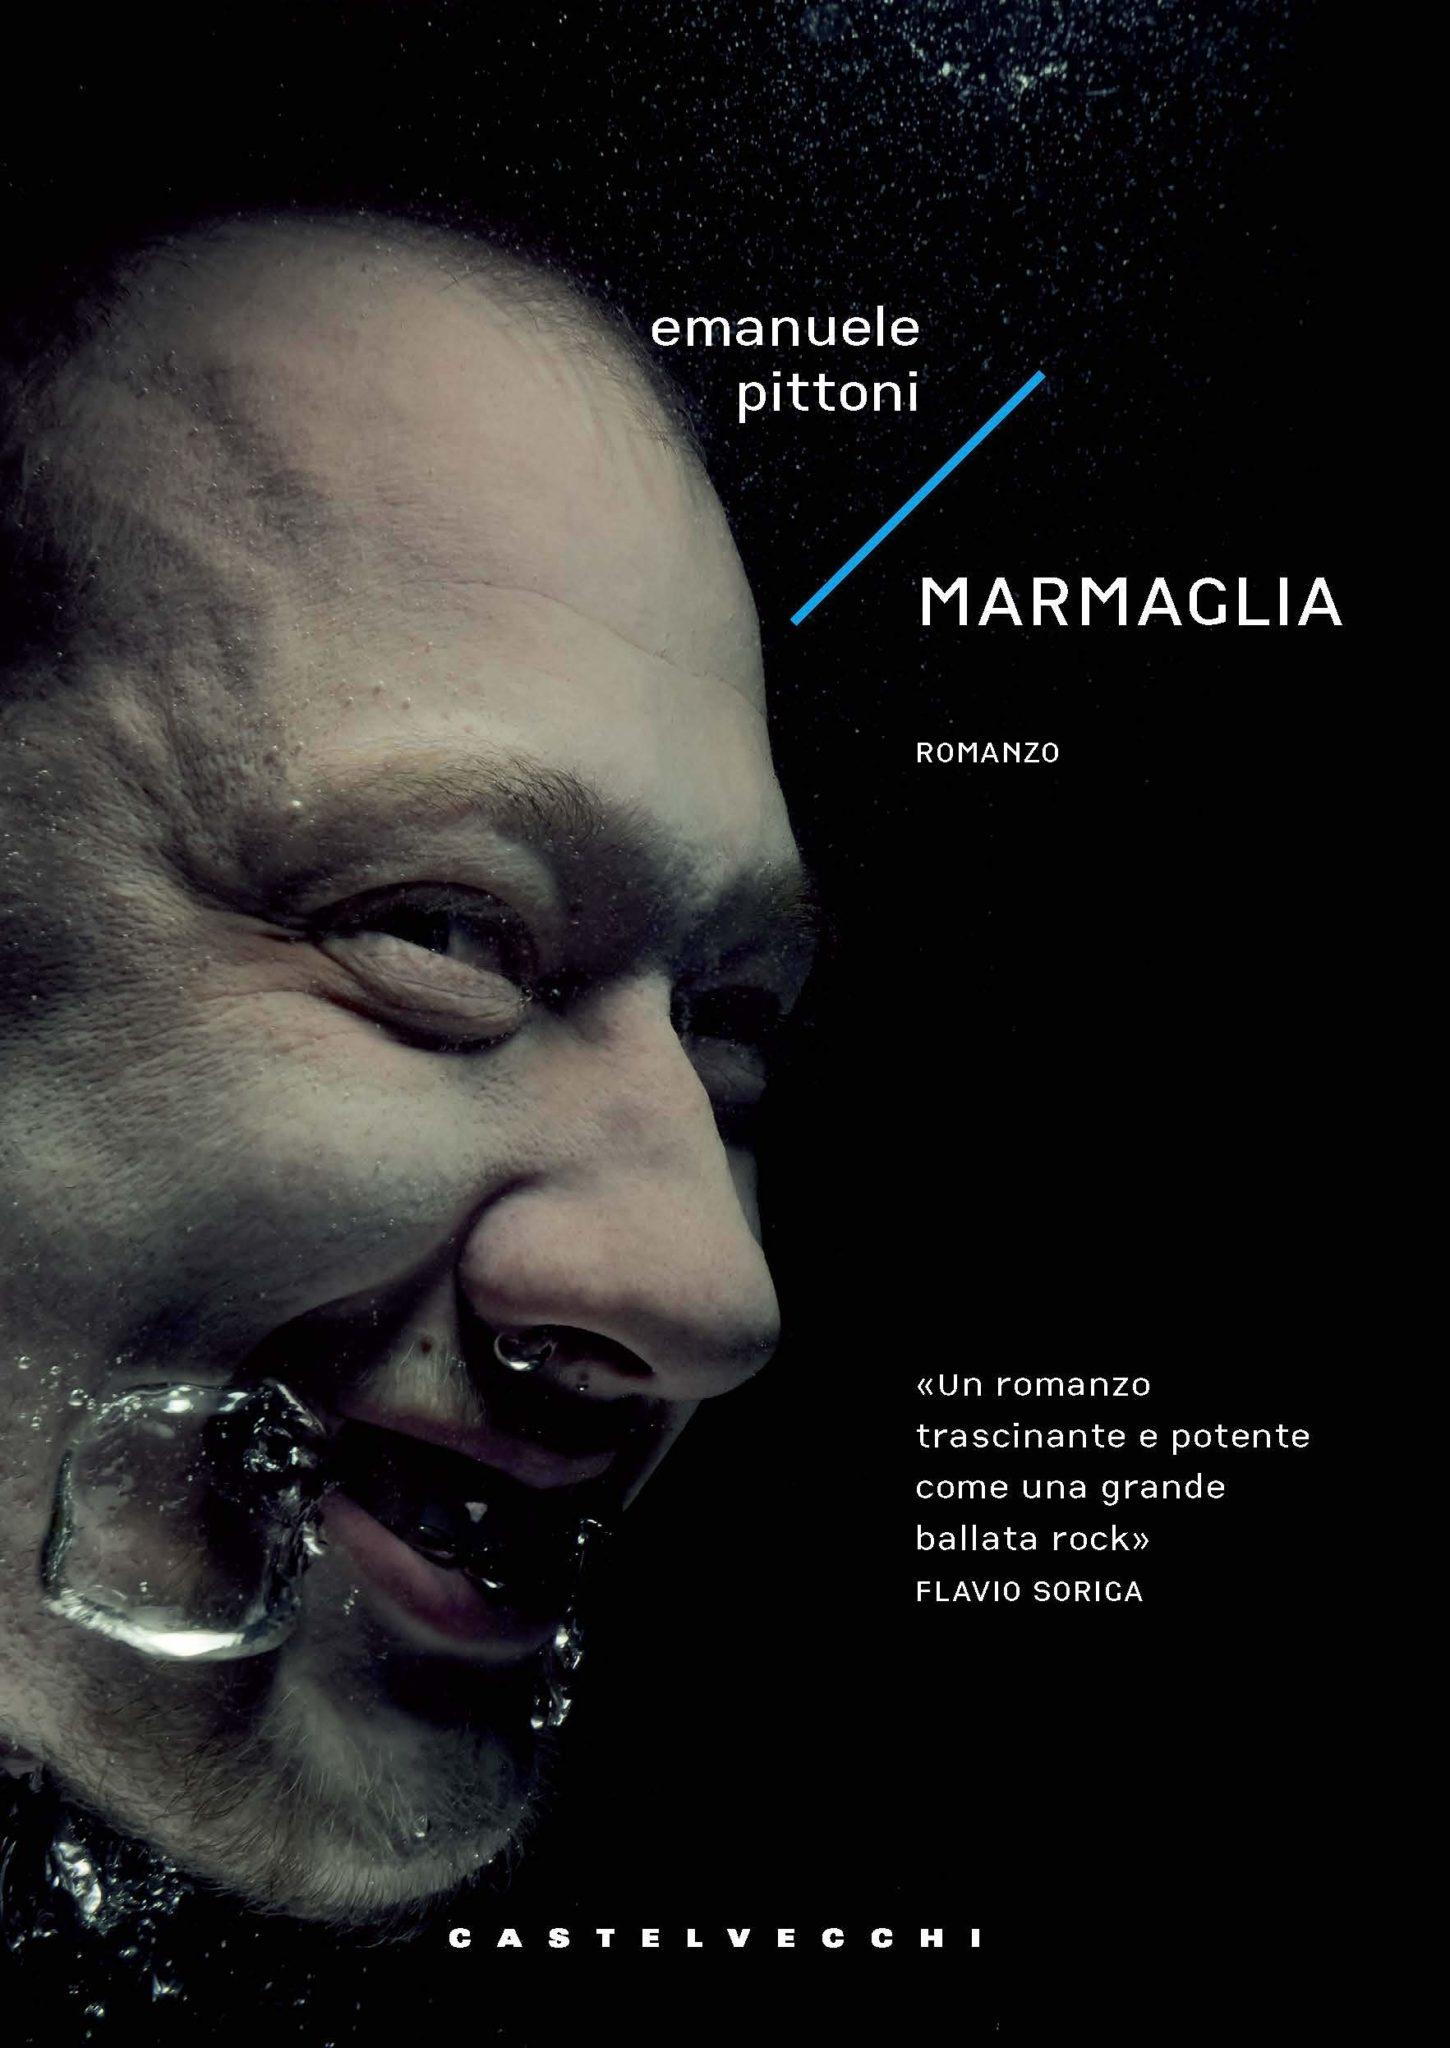 Recensione di Marmaglia – Emanuele Pittoni